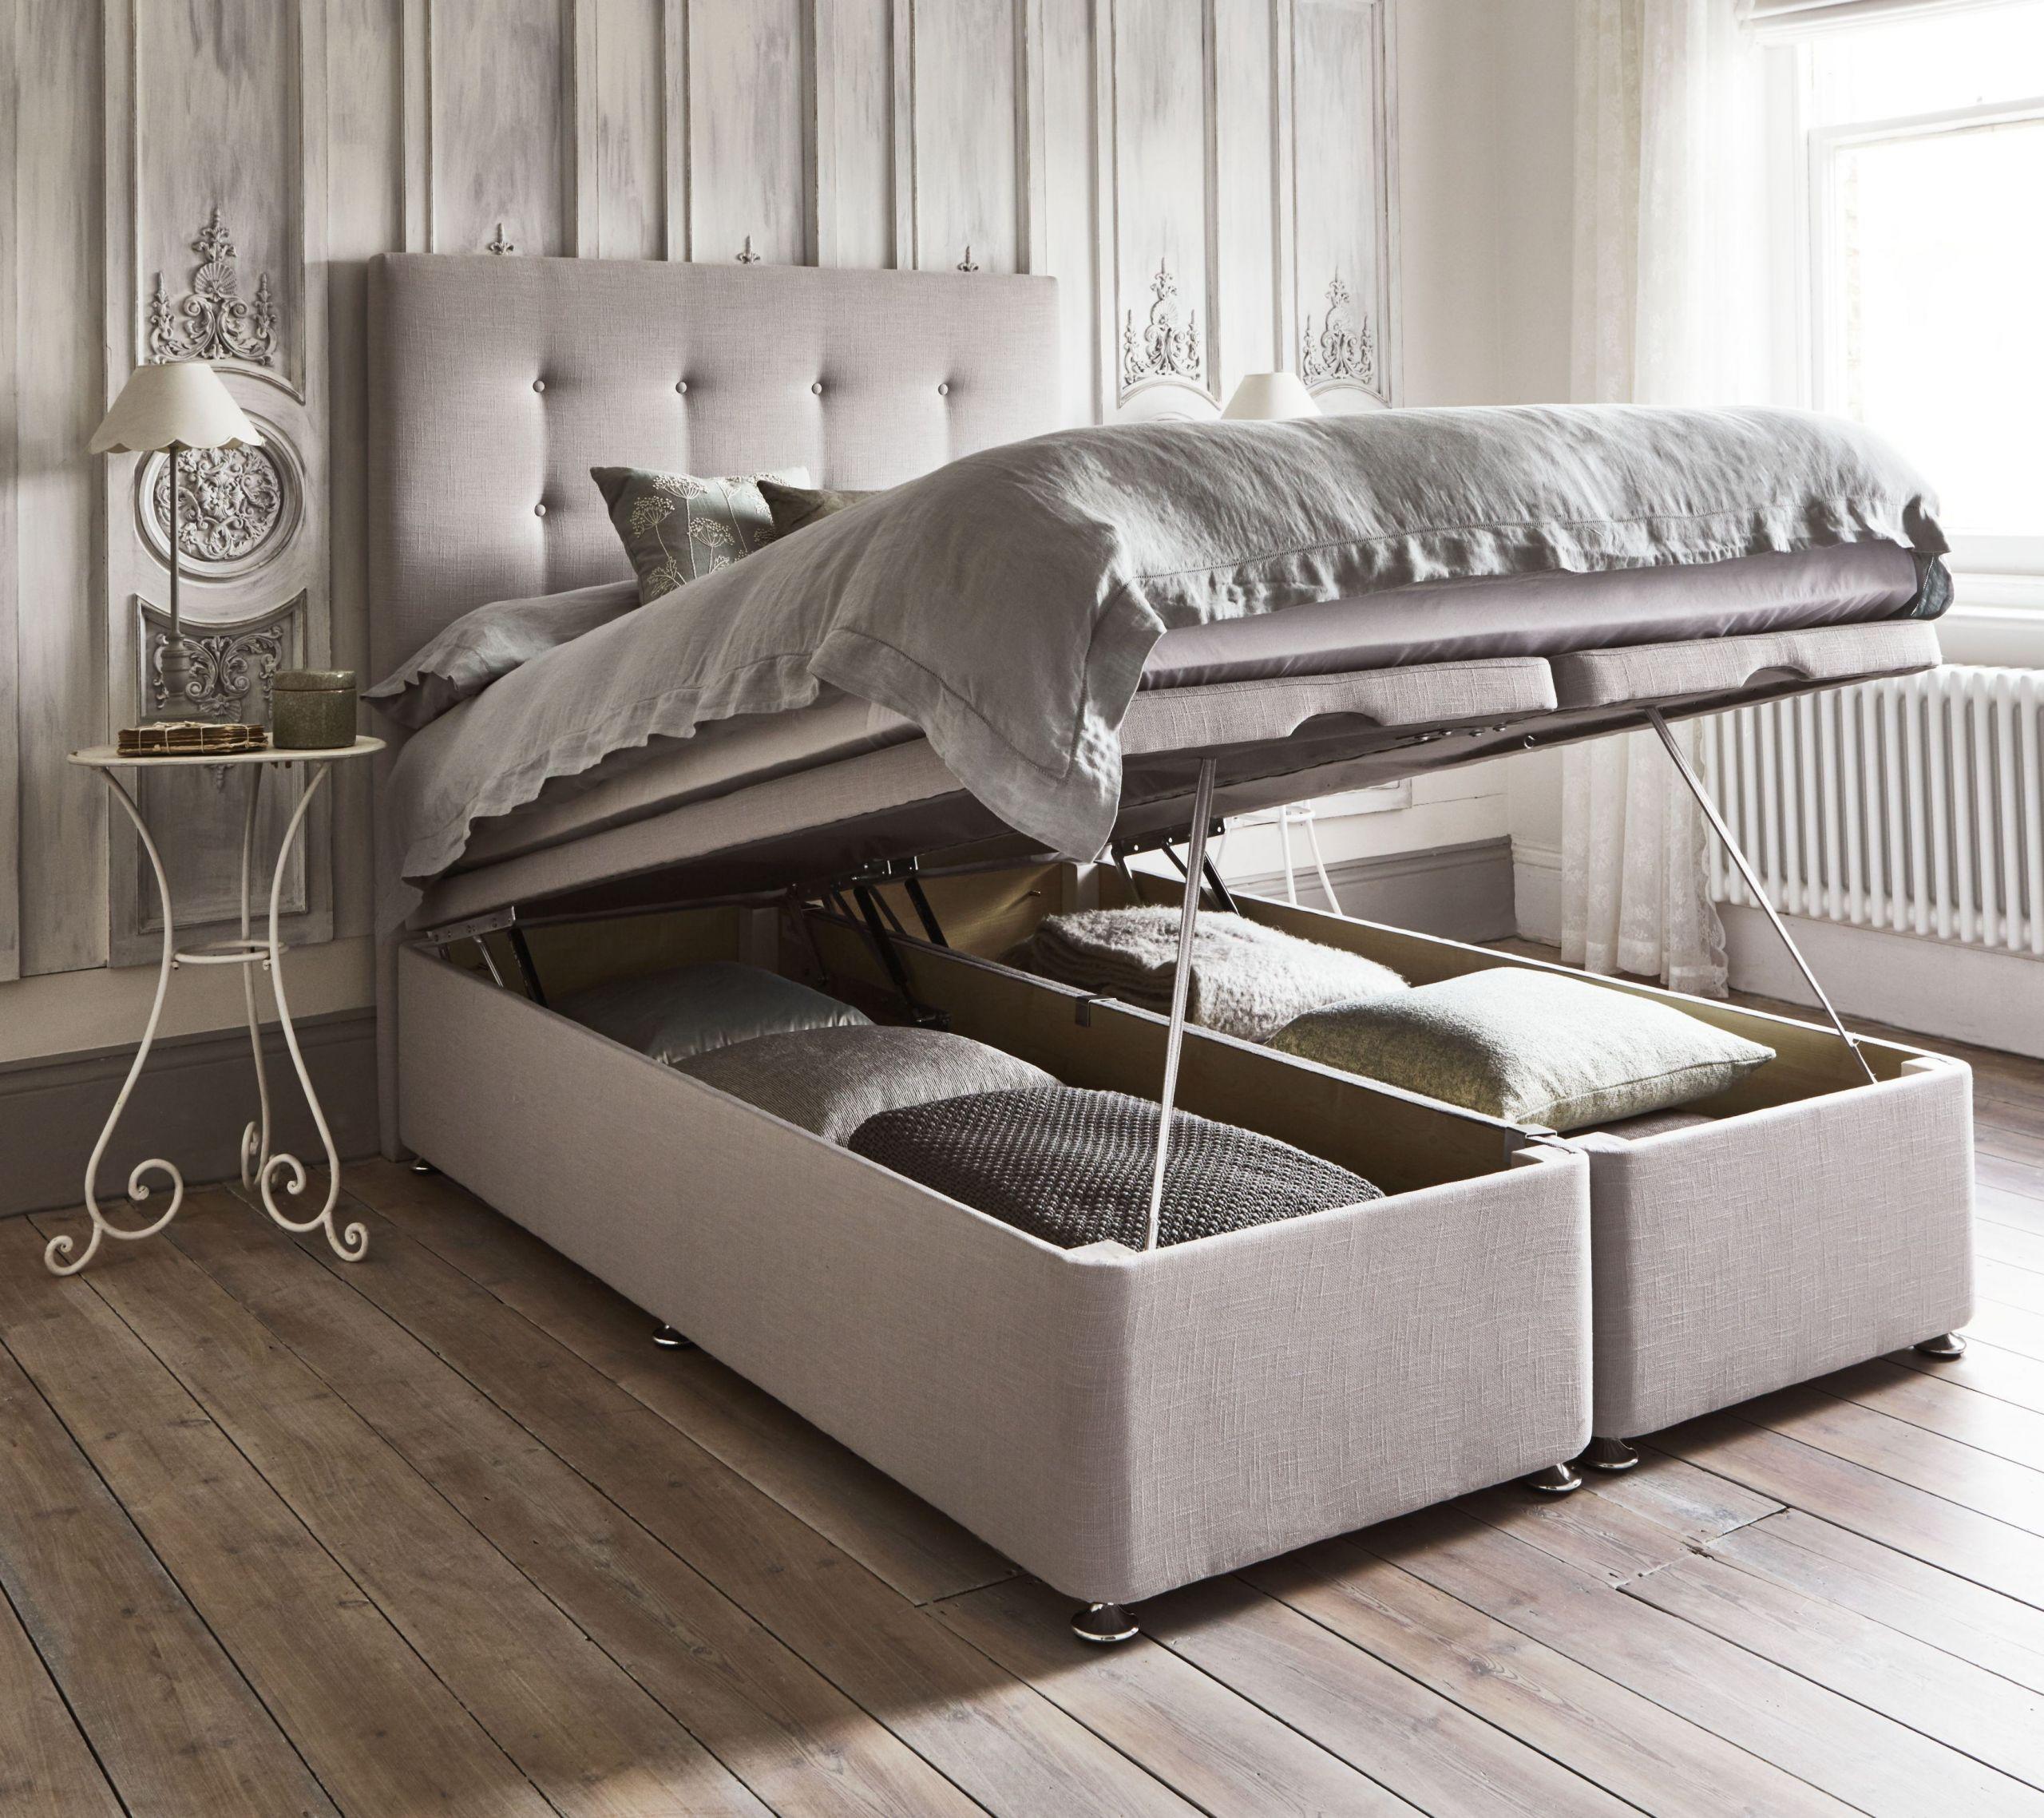 Underbed space Bedroom Idea via Simphome.com